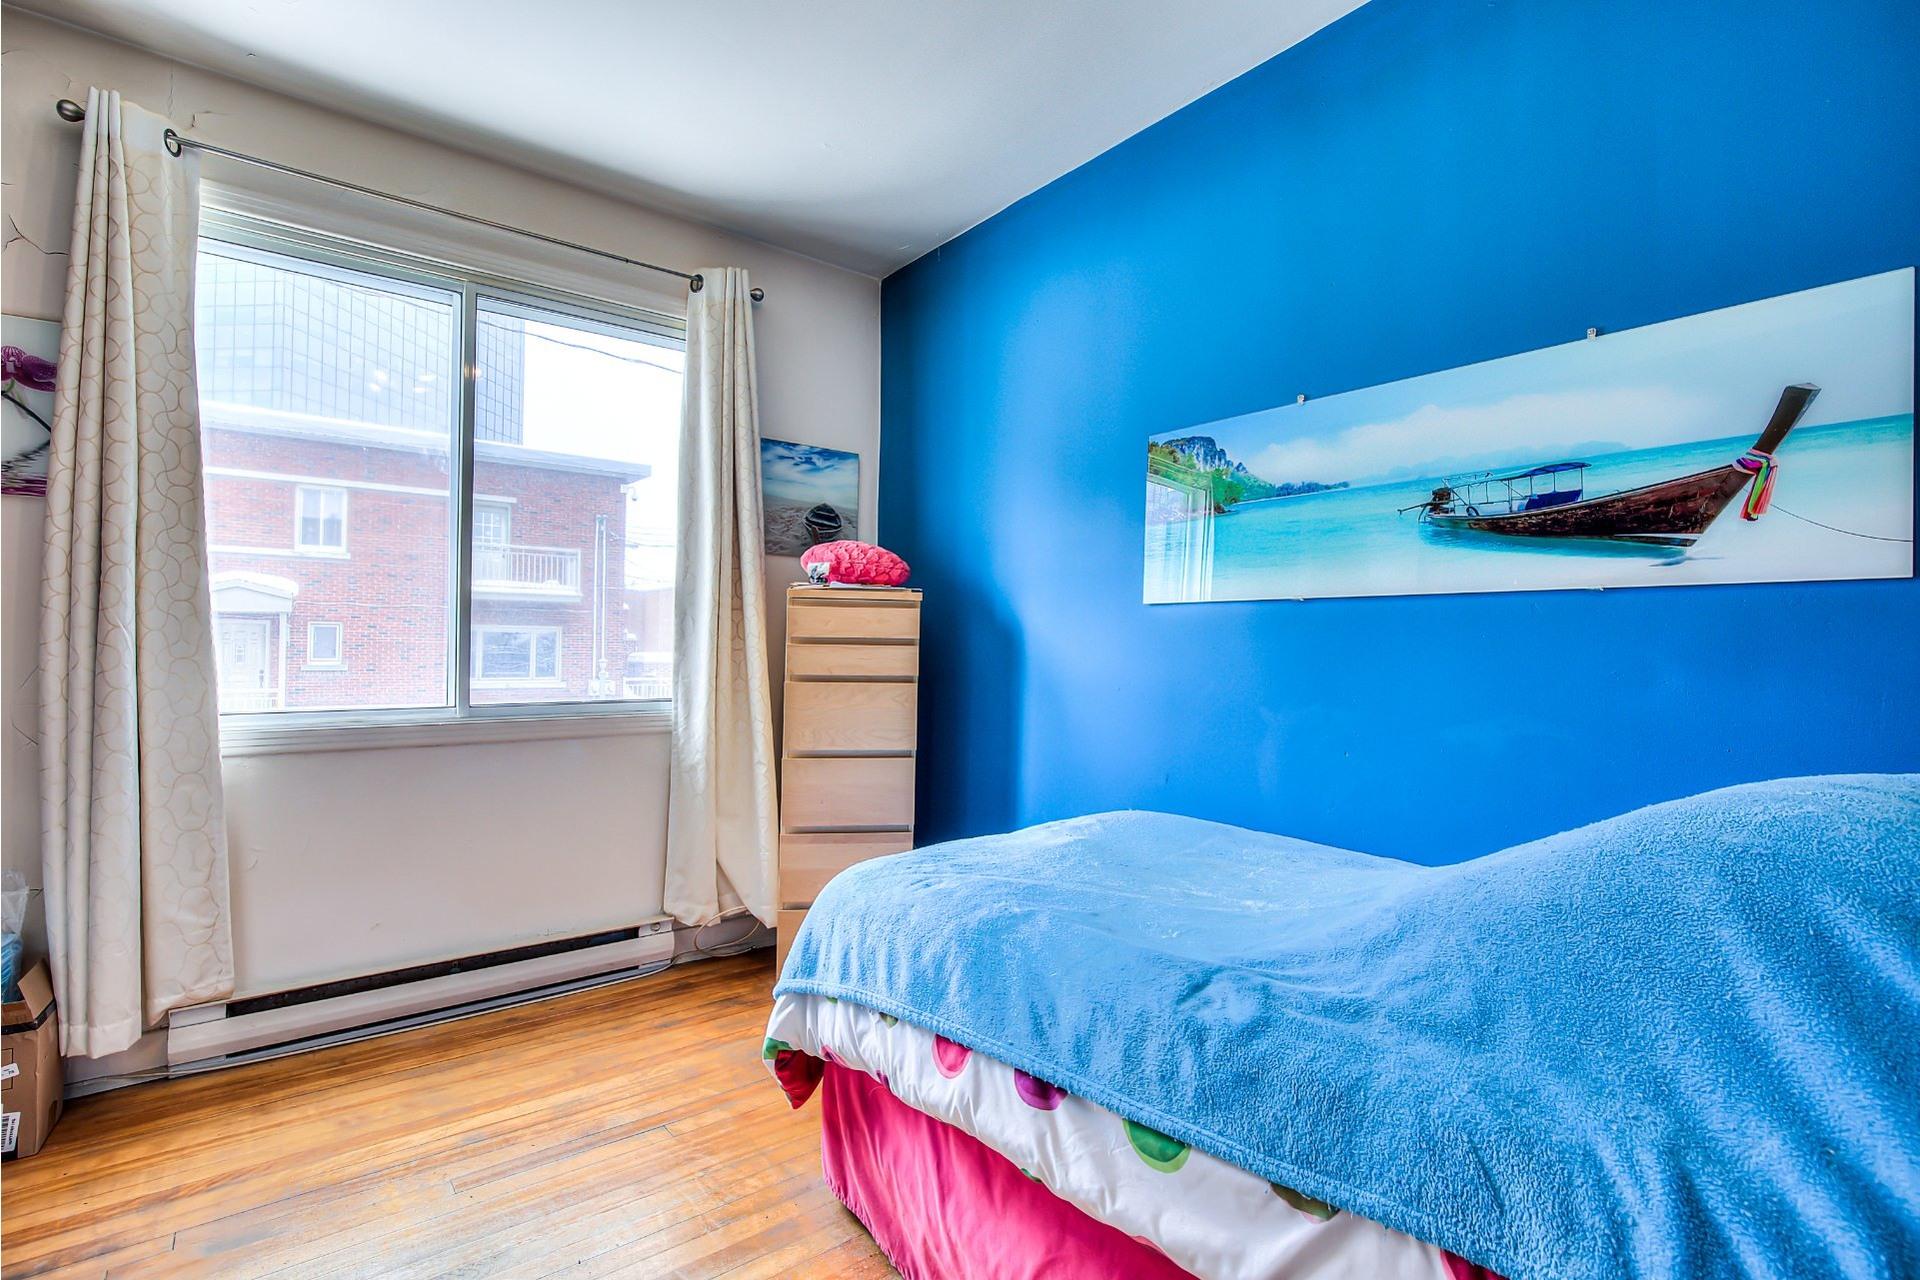 image 28 - Income property For sale Villeray/Saint-Michel/Parc-Extension Montréal  - 4 rooms